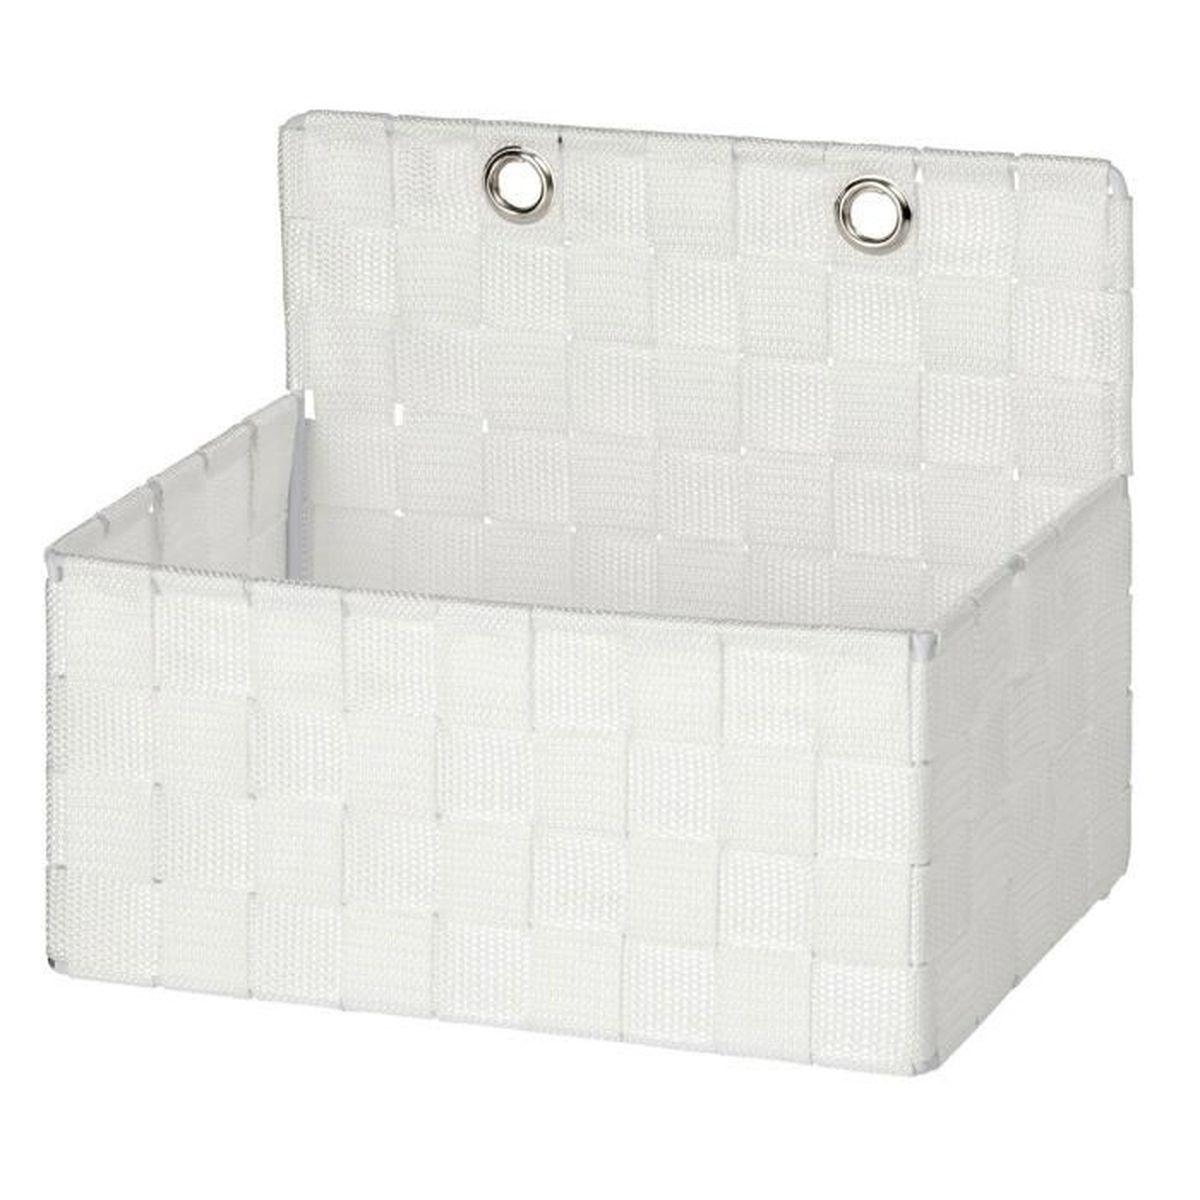 panier à accrocher adria blanc - achat / vente casier pour meuble